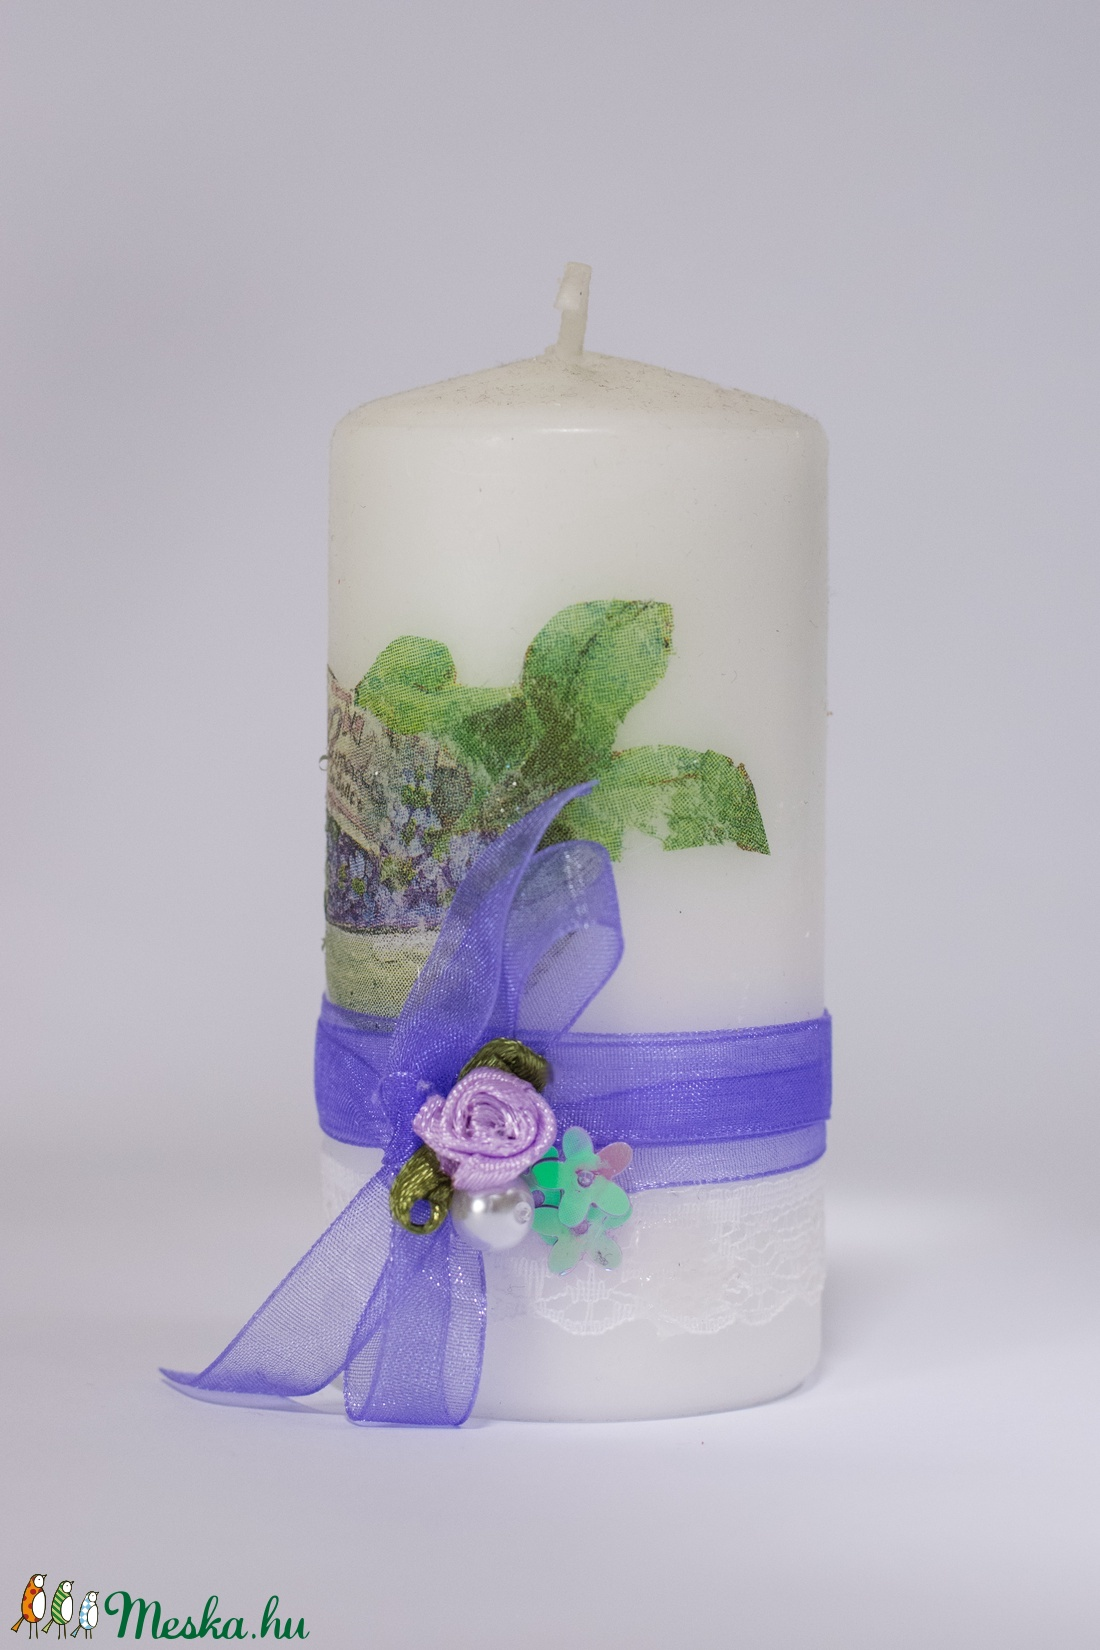 Levendulás decoupage gyertya , levendula esküvői, lakás dekoráció, ajándék névnapra, szülinapra levelndulát kevelőnek. - otthon & lakás - dekoráció - gyertya & gyertyatartó - Meska.hu